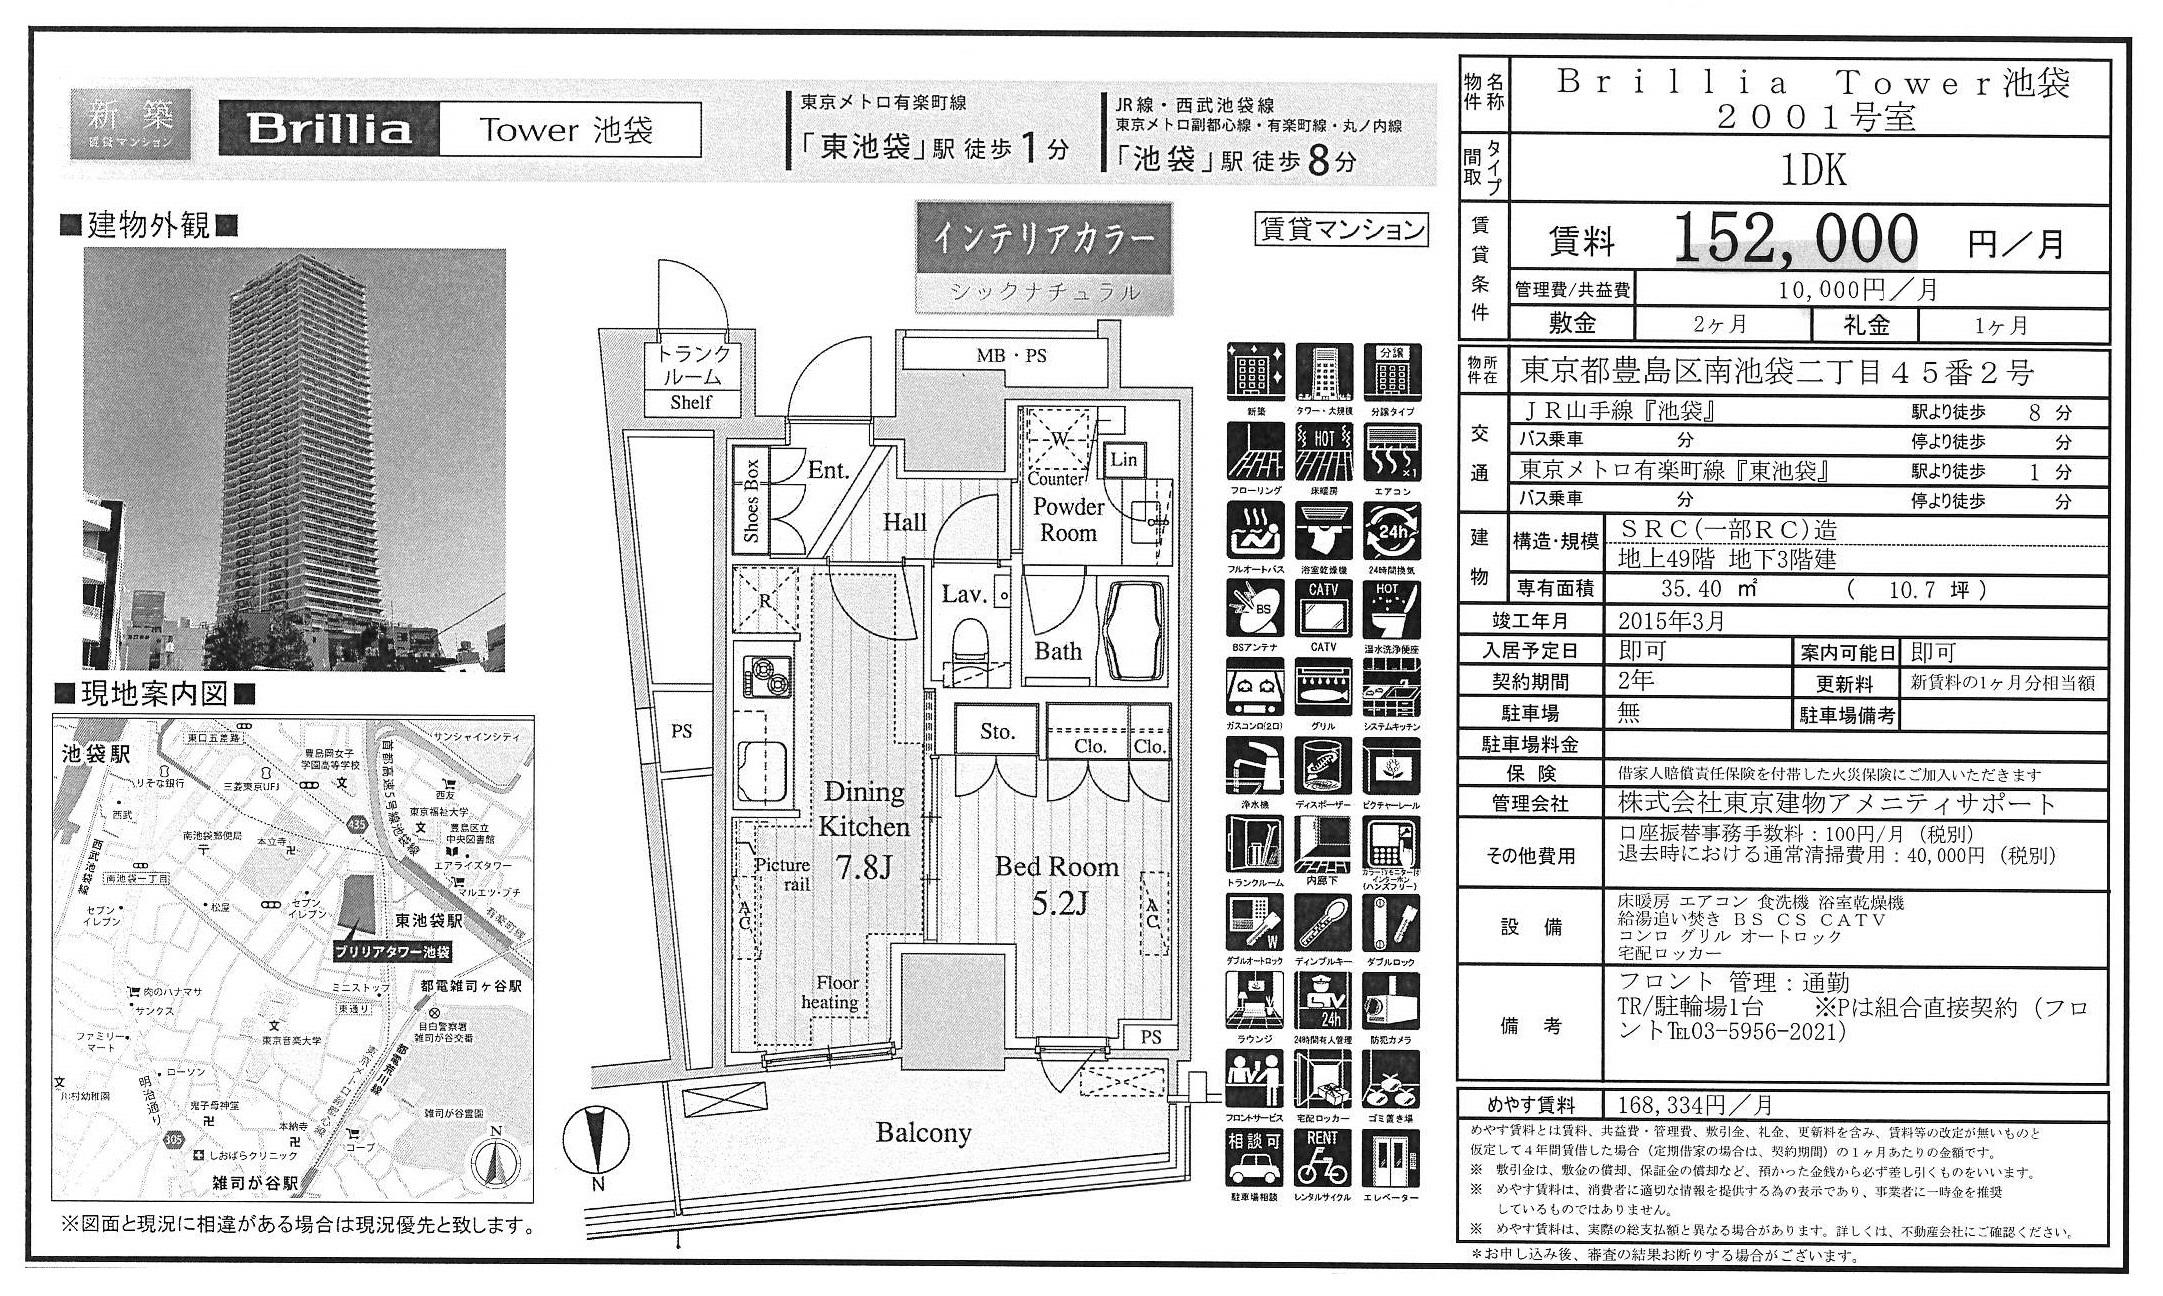 ブリリアタワー池袋図面2001号室